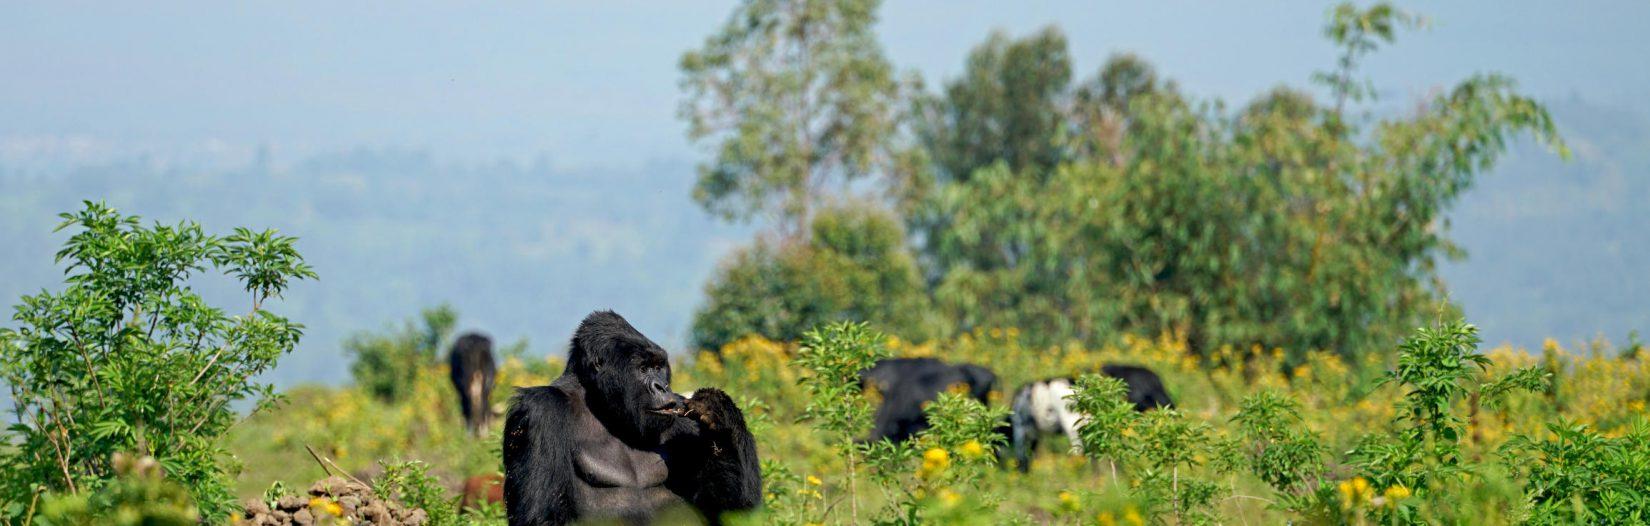 What to expect Gorilla Trekking in Rwanda